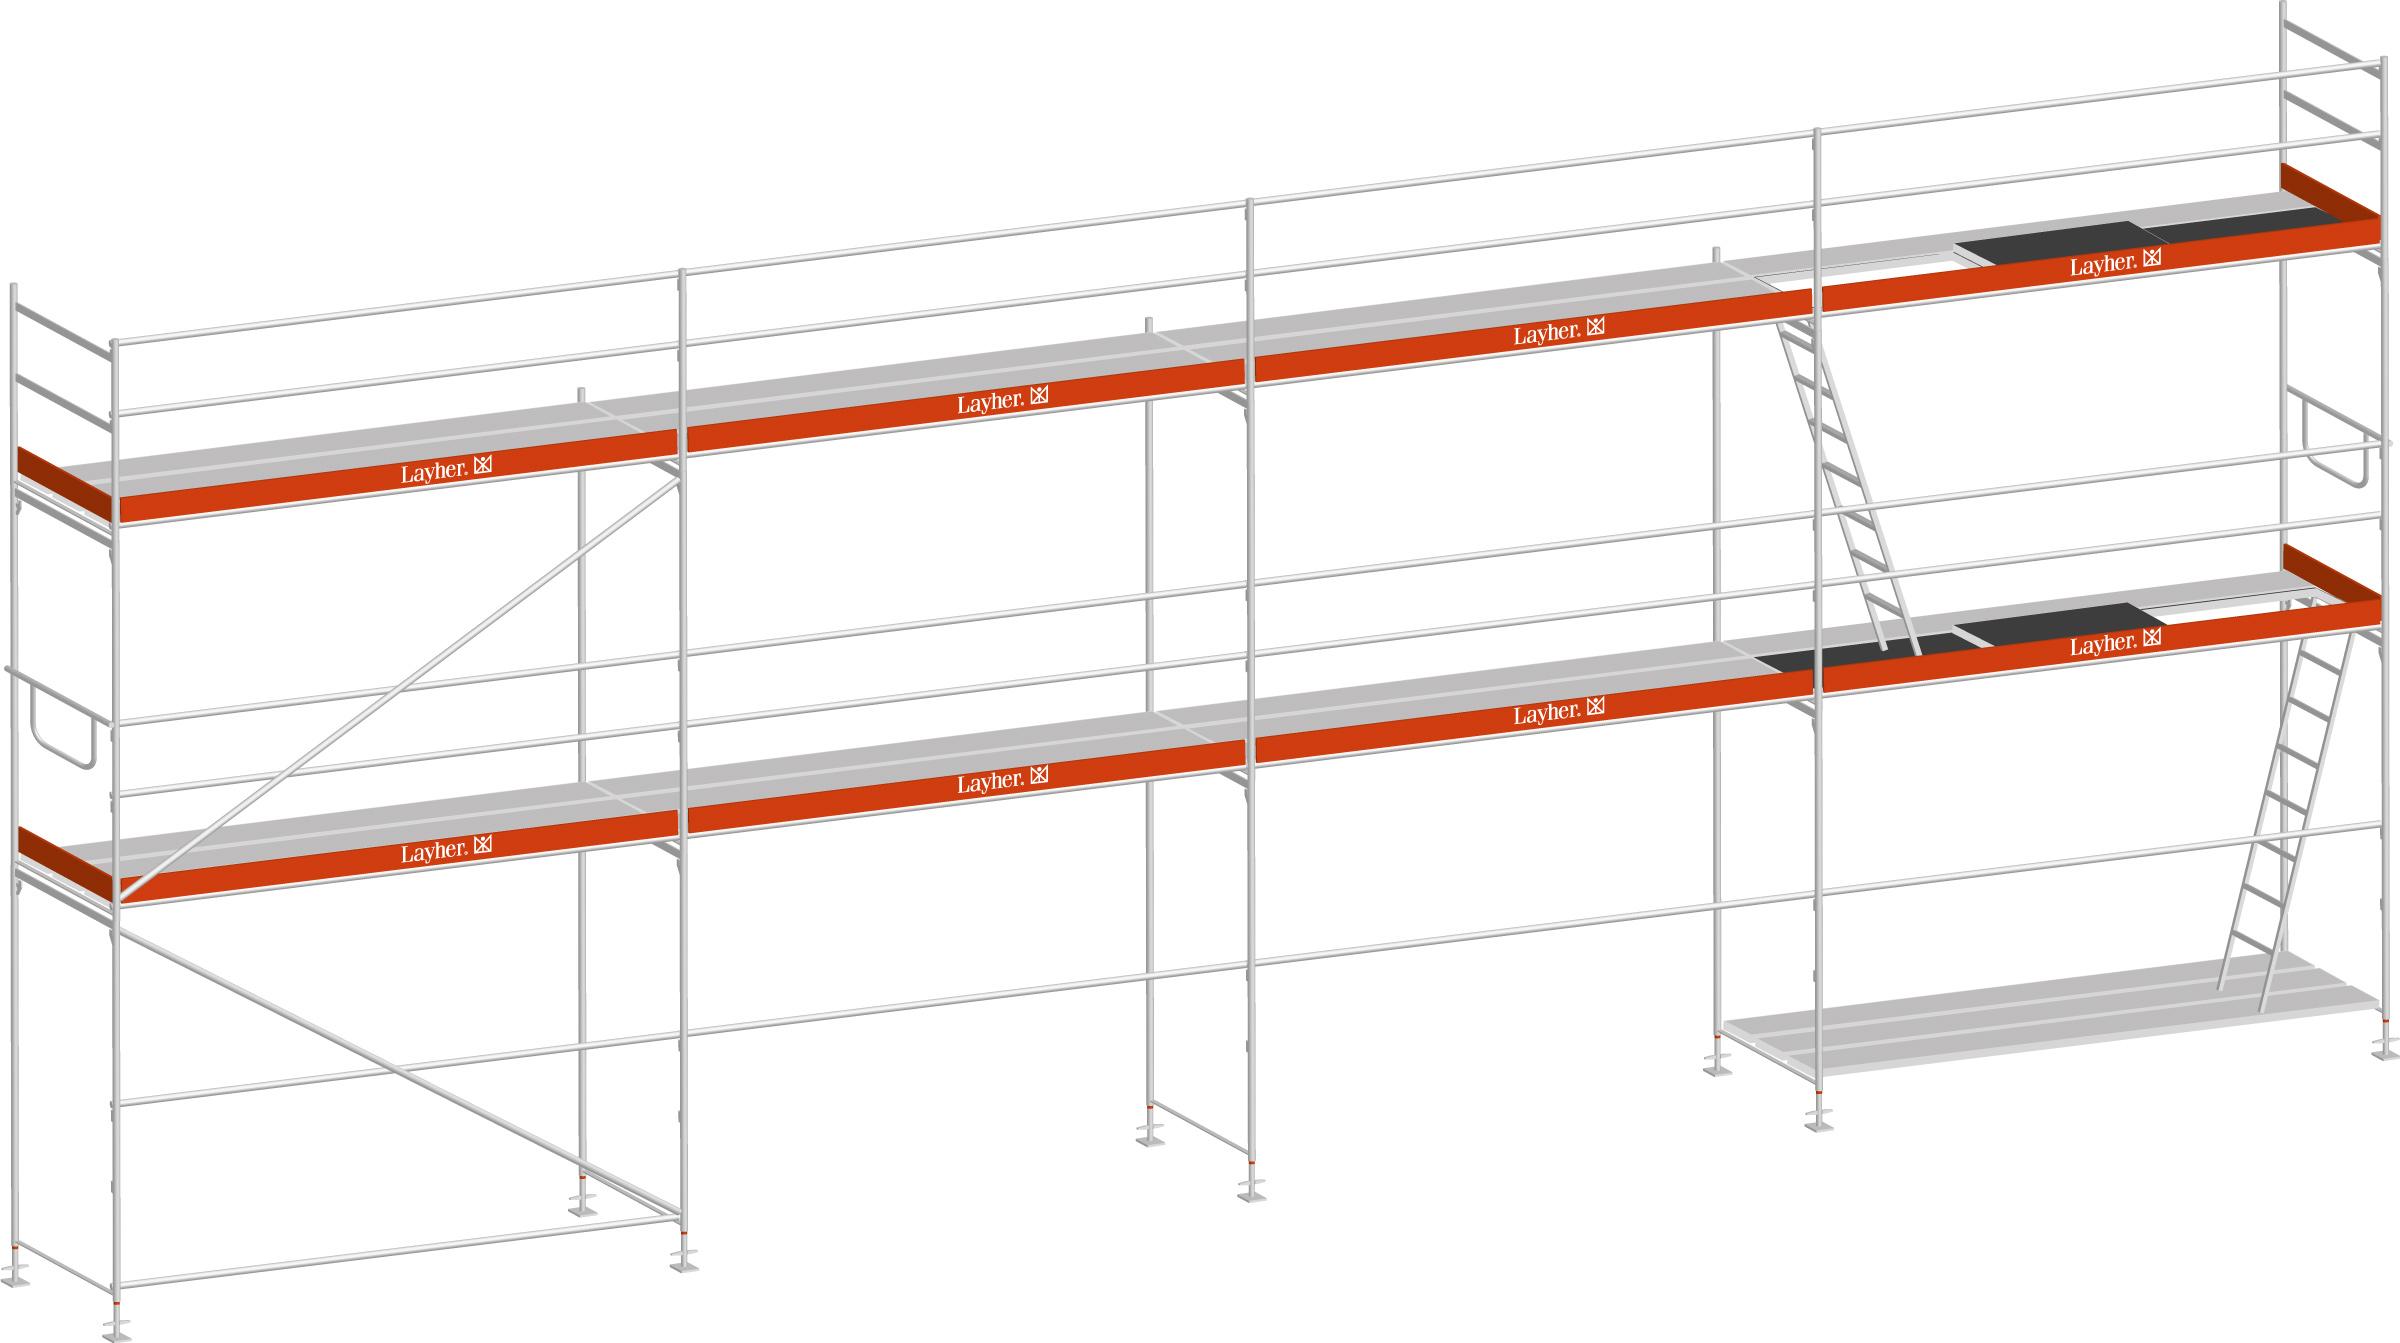 Layher Blitz Gerüst 100 Stahl 64 m²